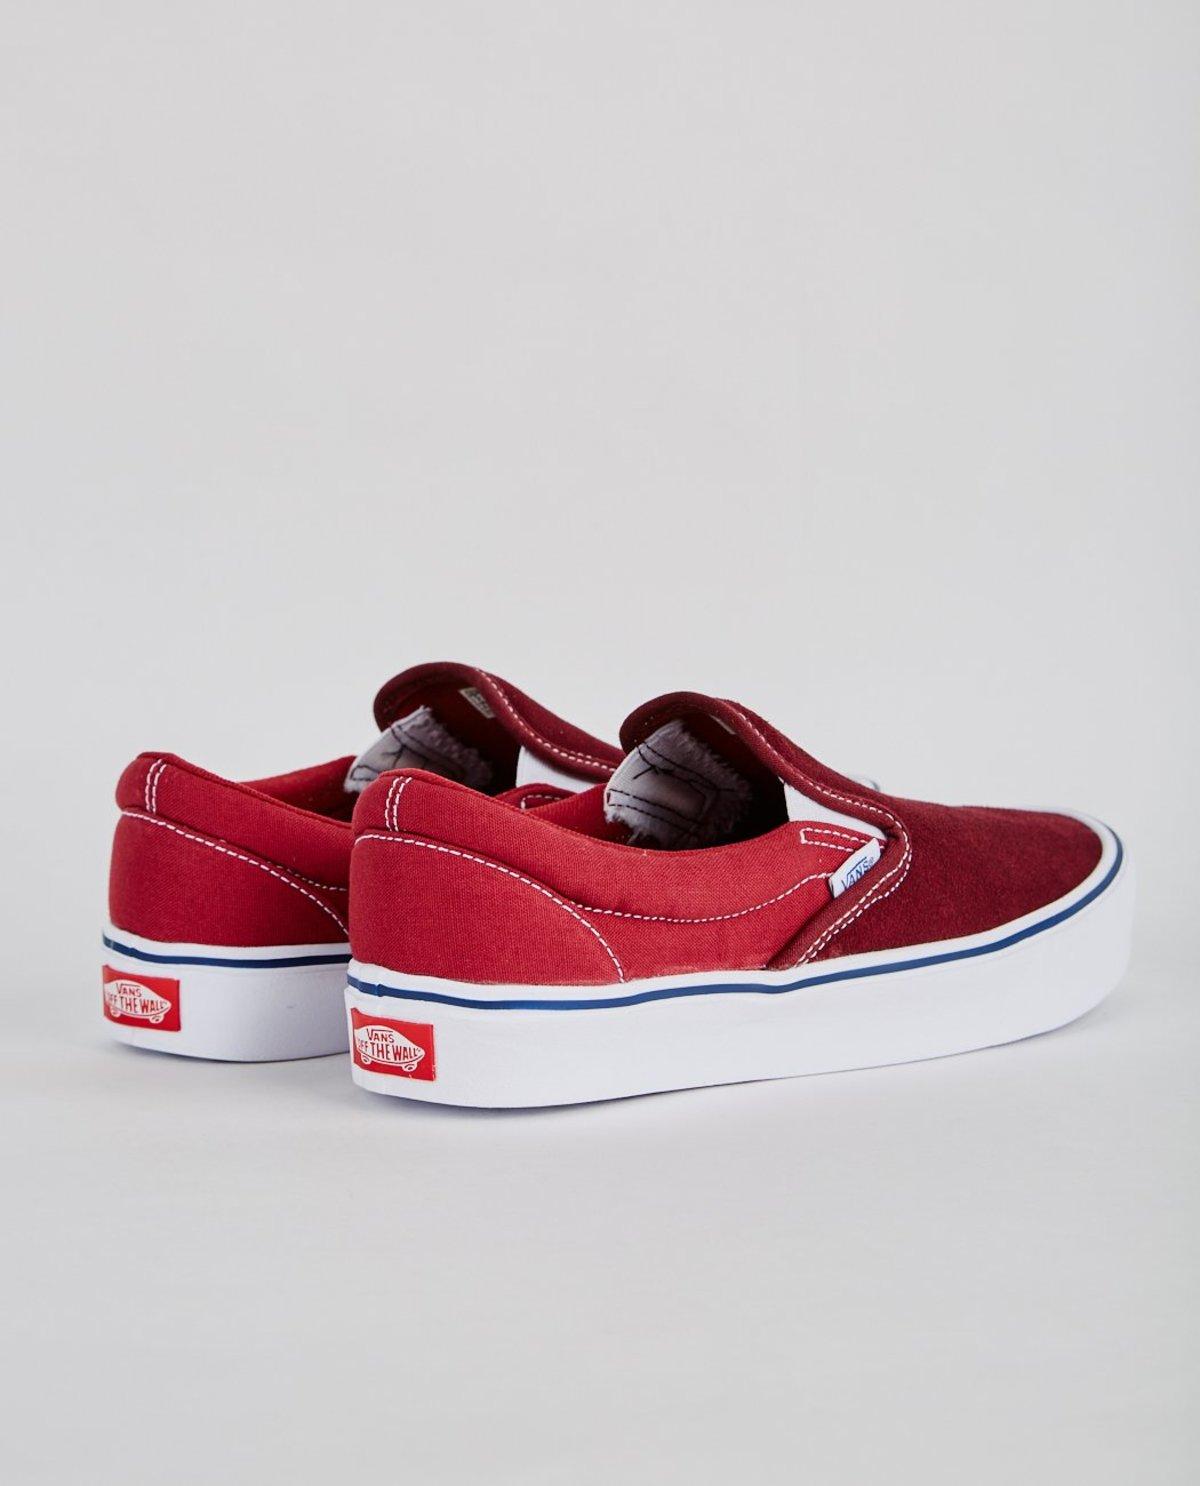 1dd510f570 VANS SLIP-ON LITE THROWBACK SLIP ON - PORT ROYALE/TIBETAN RED